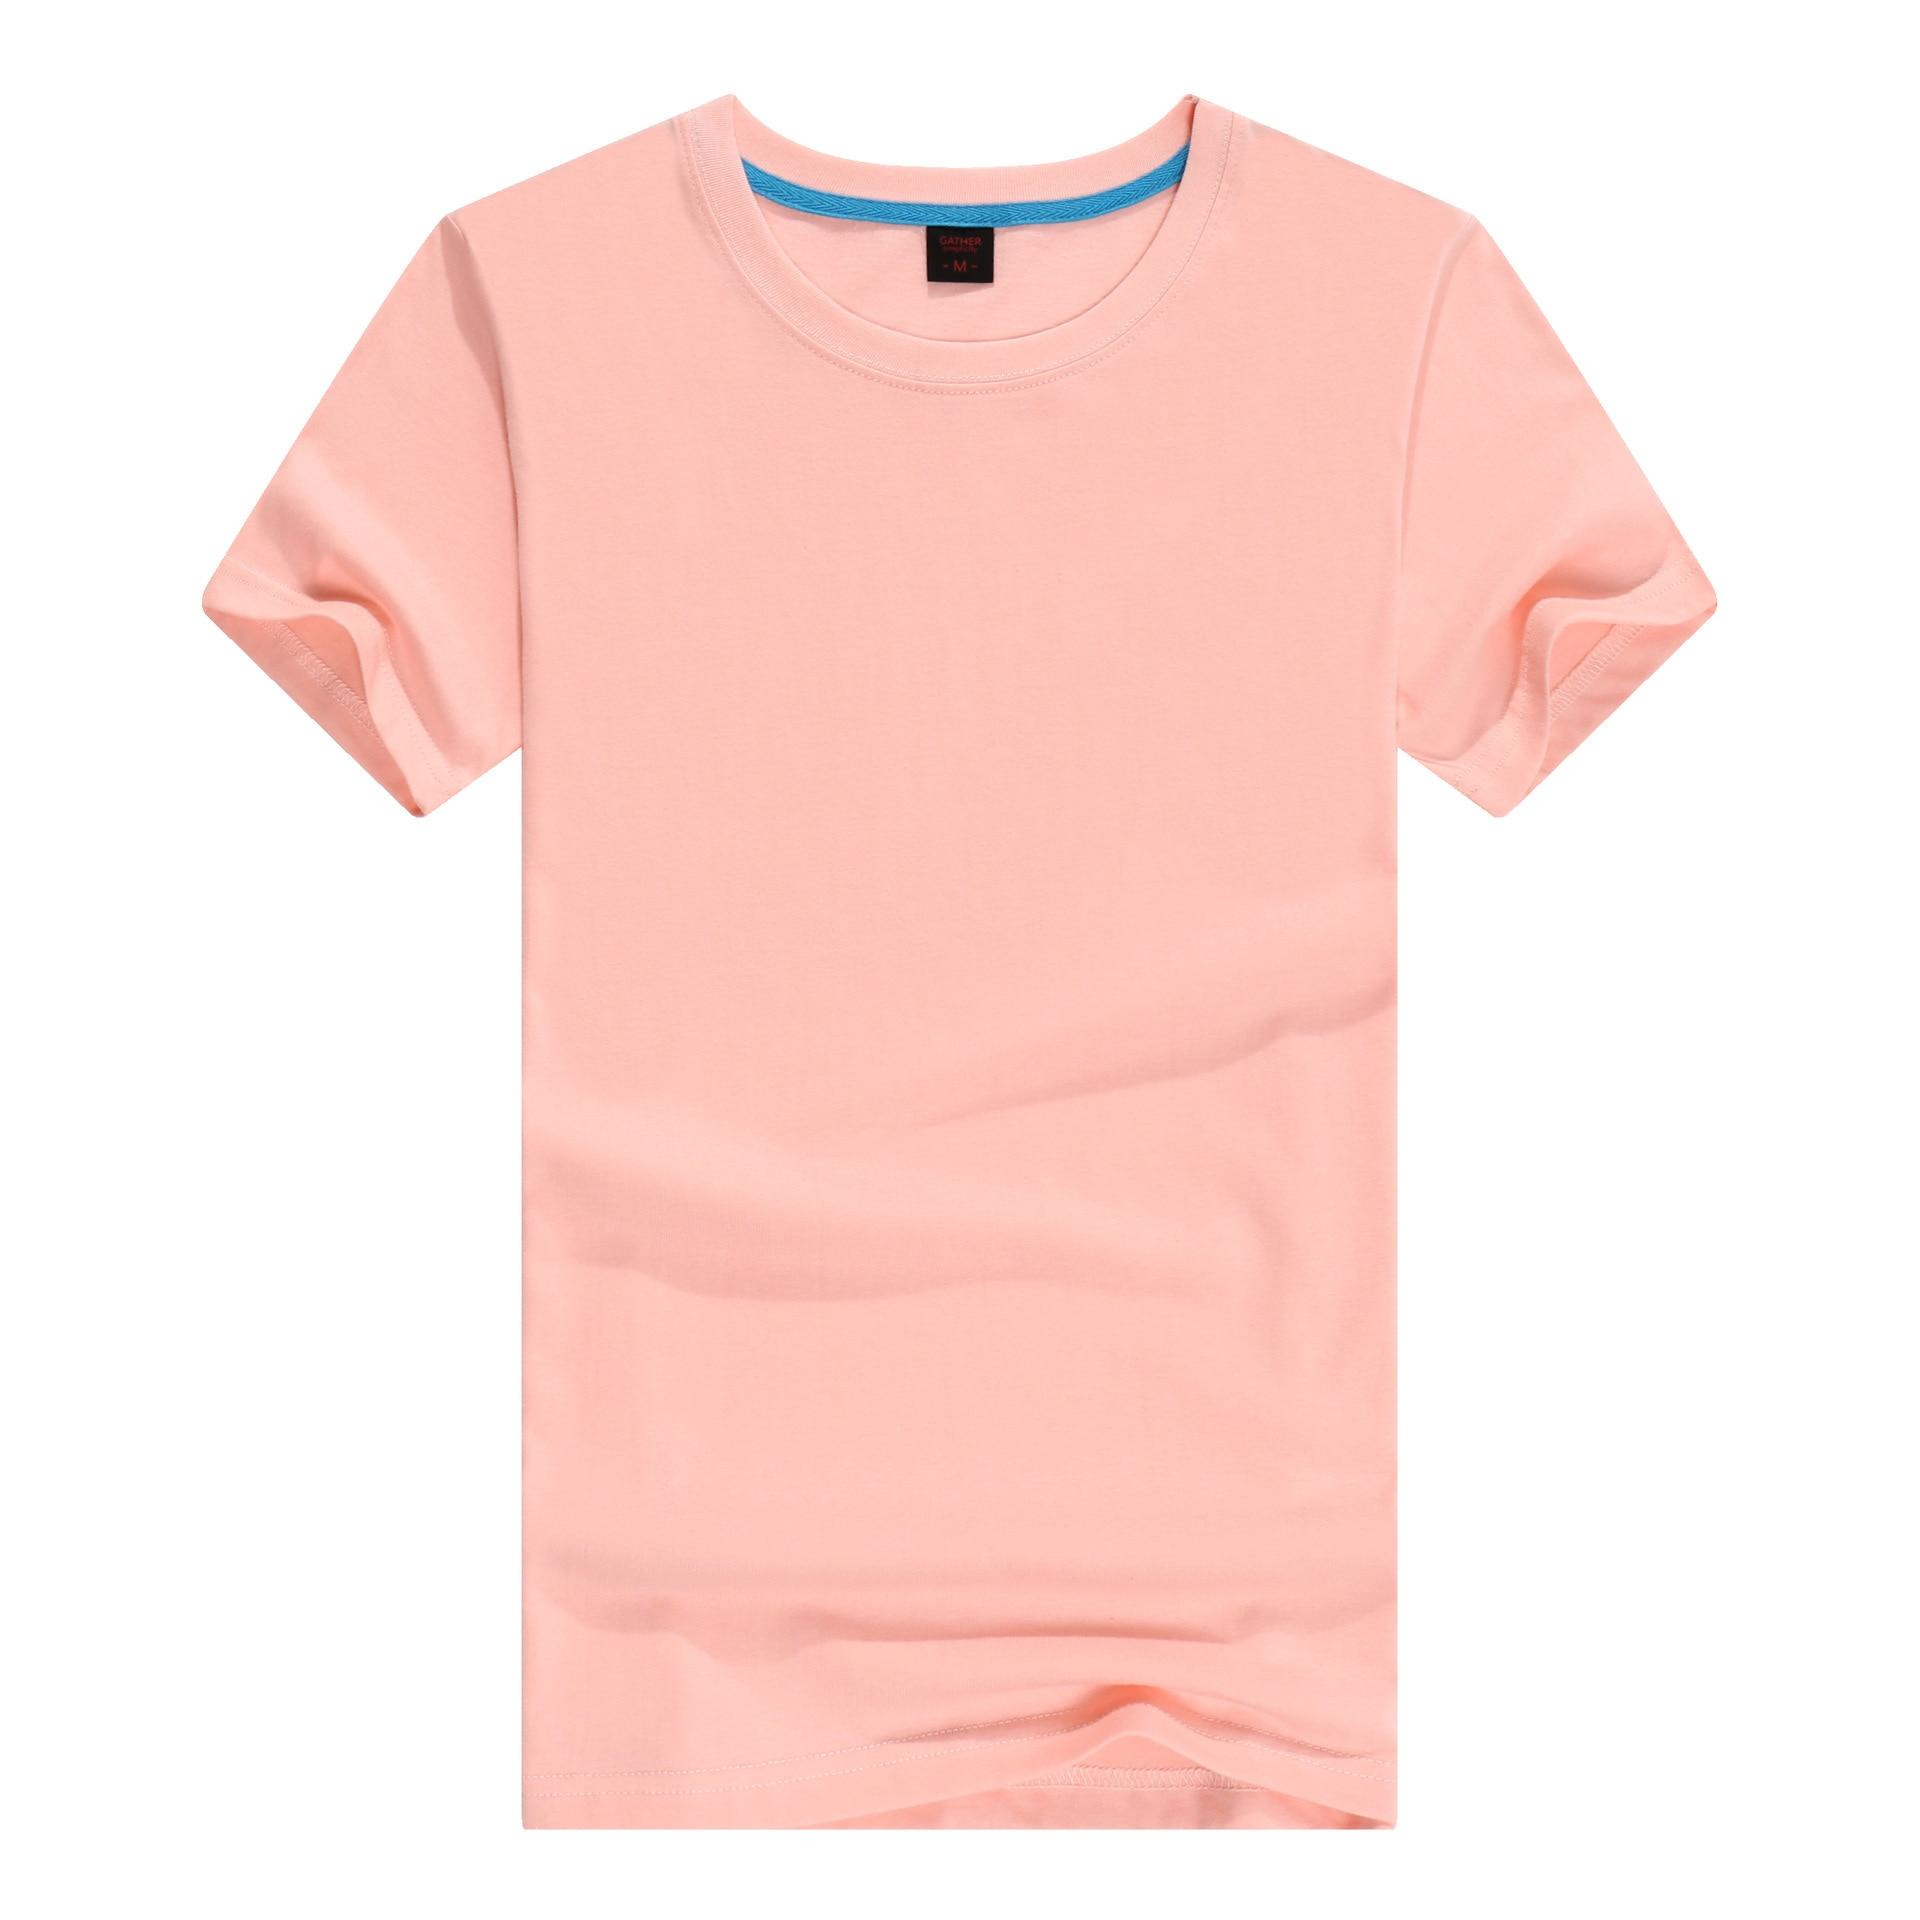 لباس قطني بياقة دائرية مخصص مع المال